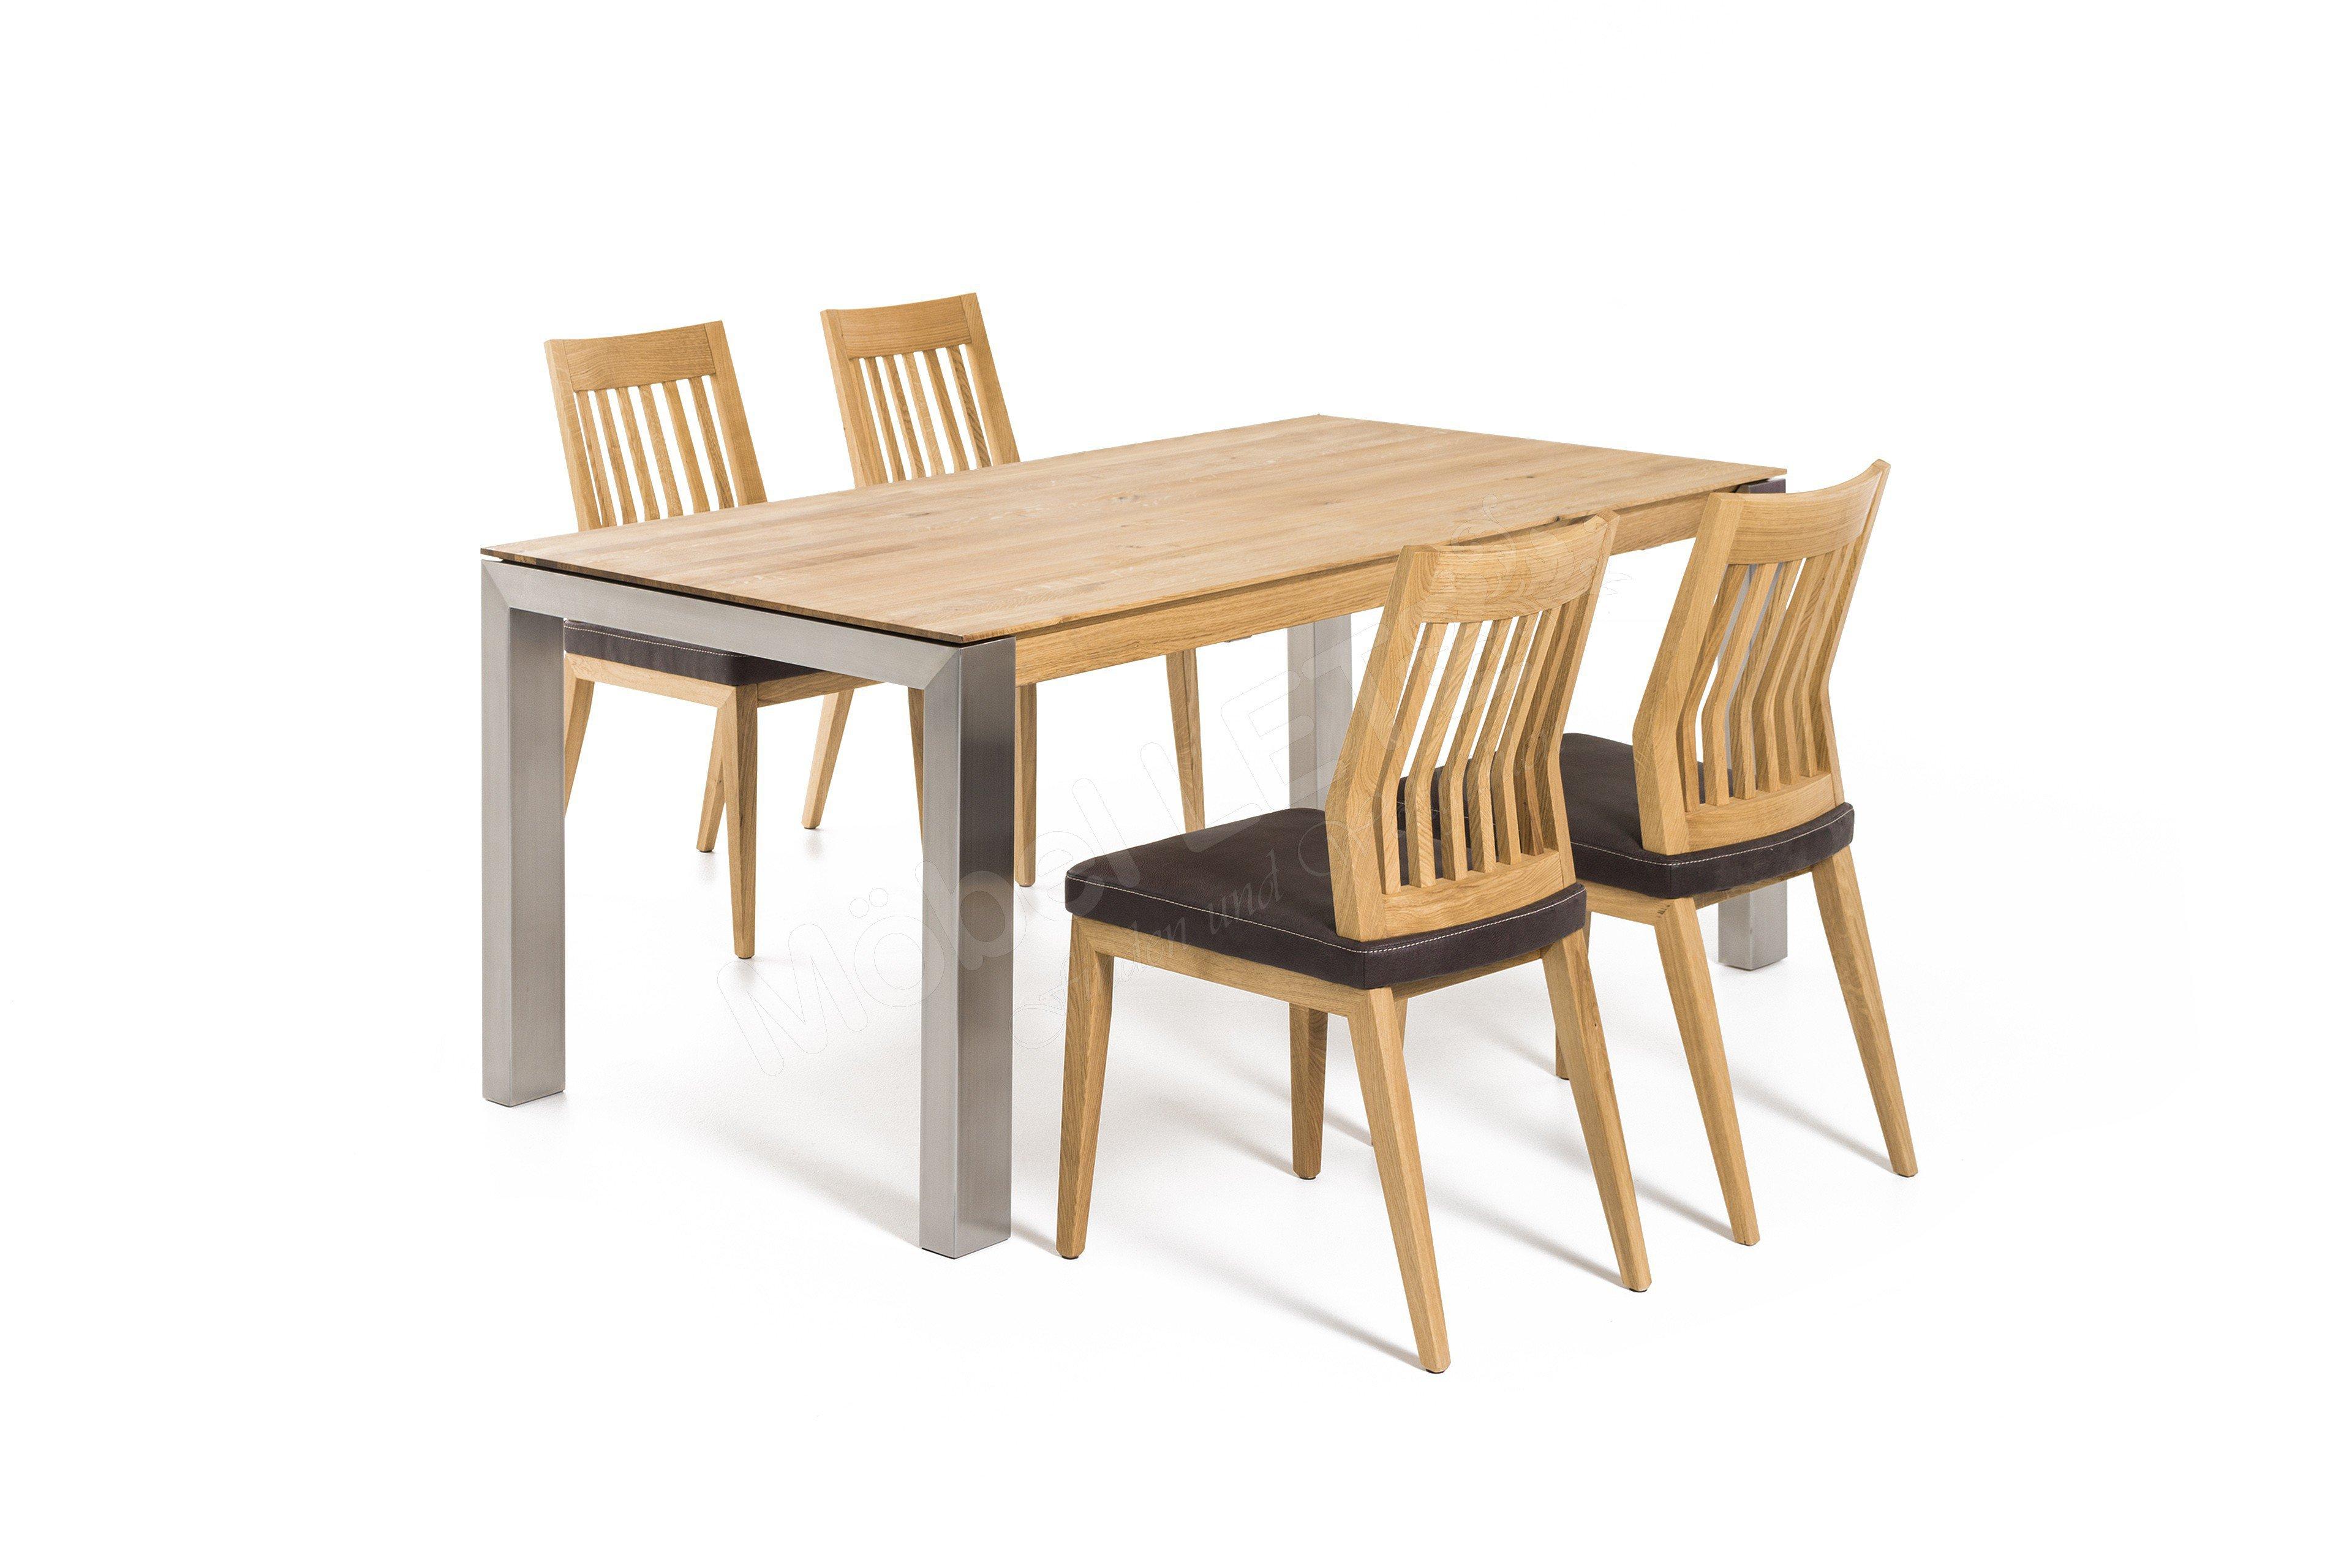 Esszimmer sthle und tisch latest large size of wohndesign - Kinderstuhl fur esstisch ...